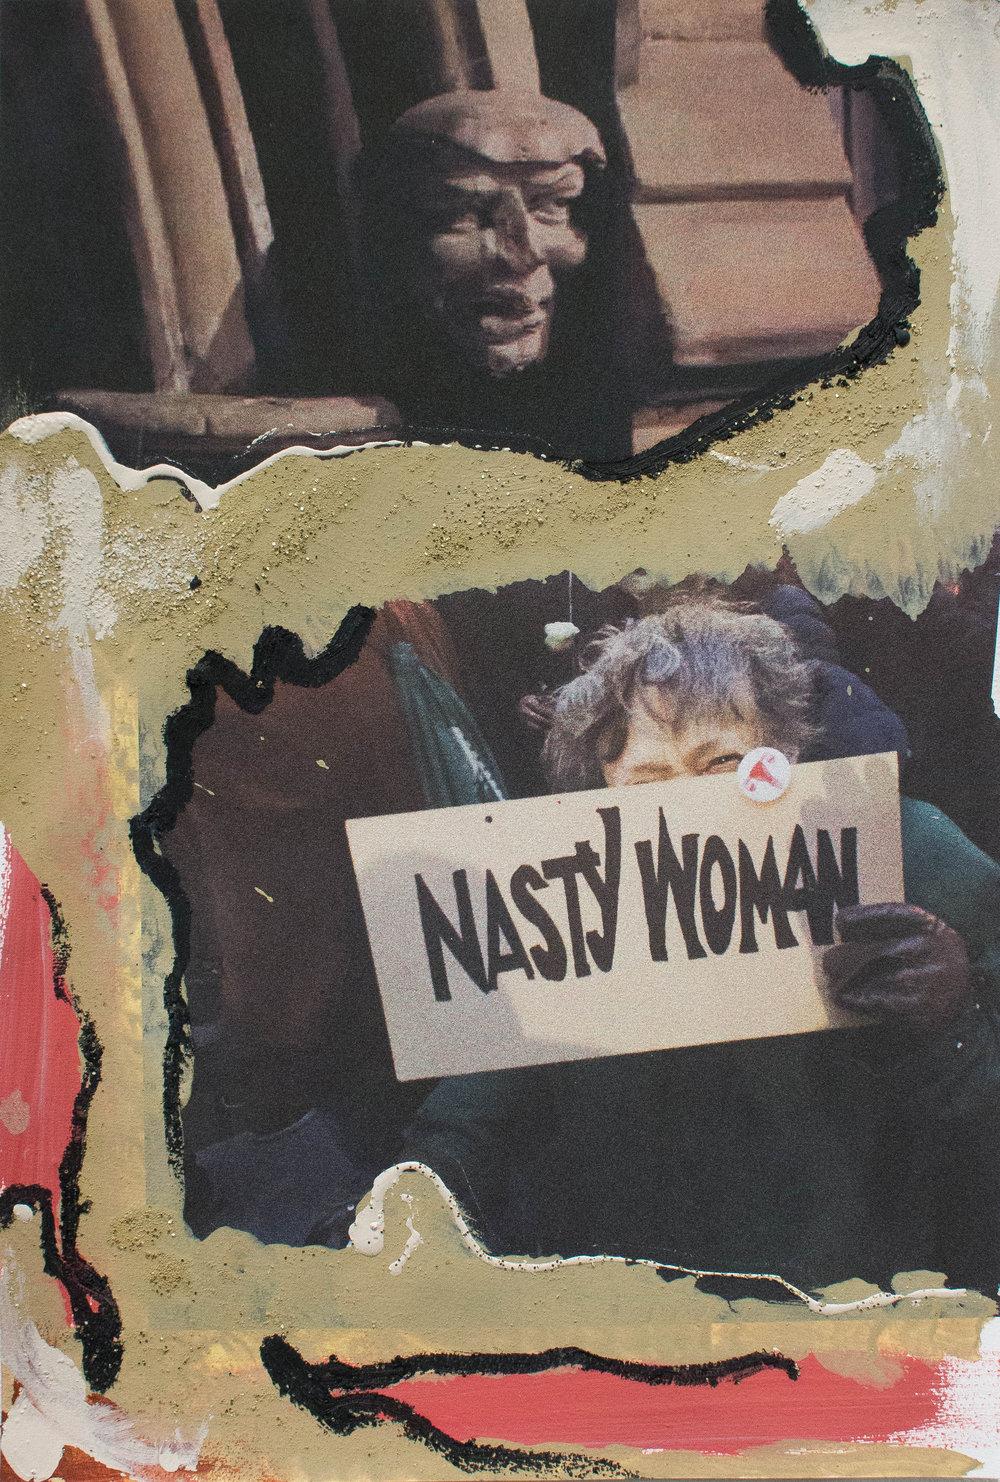 Stay Nasty